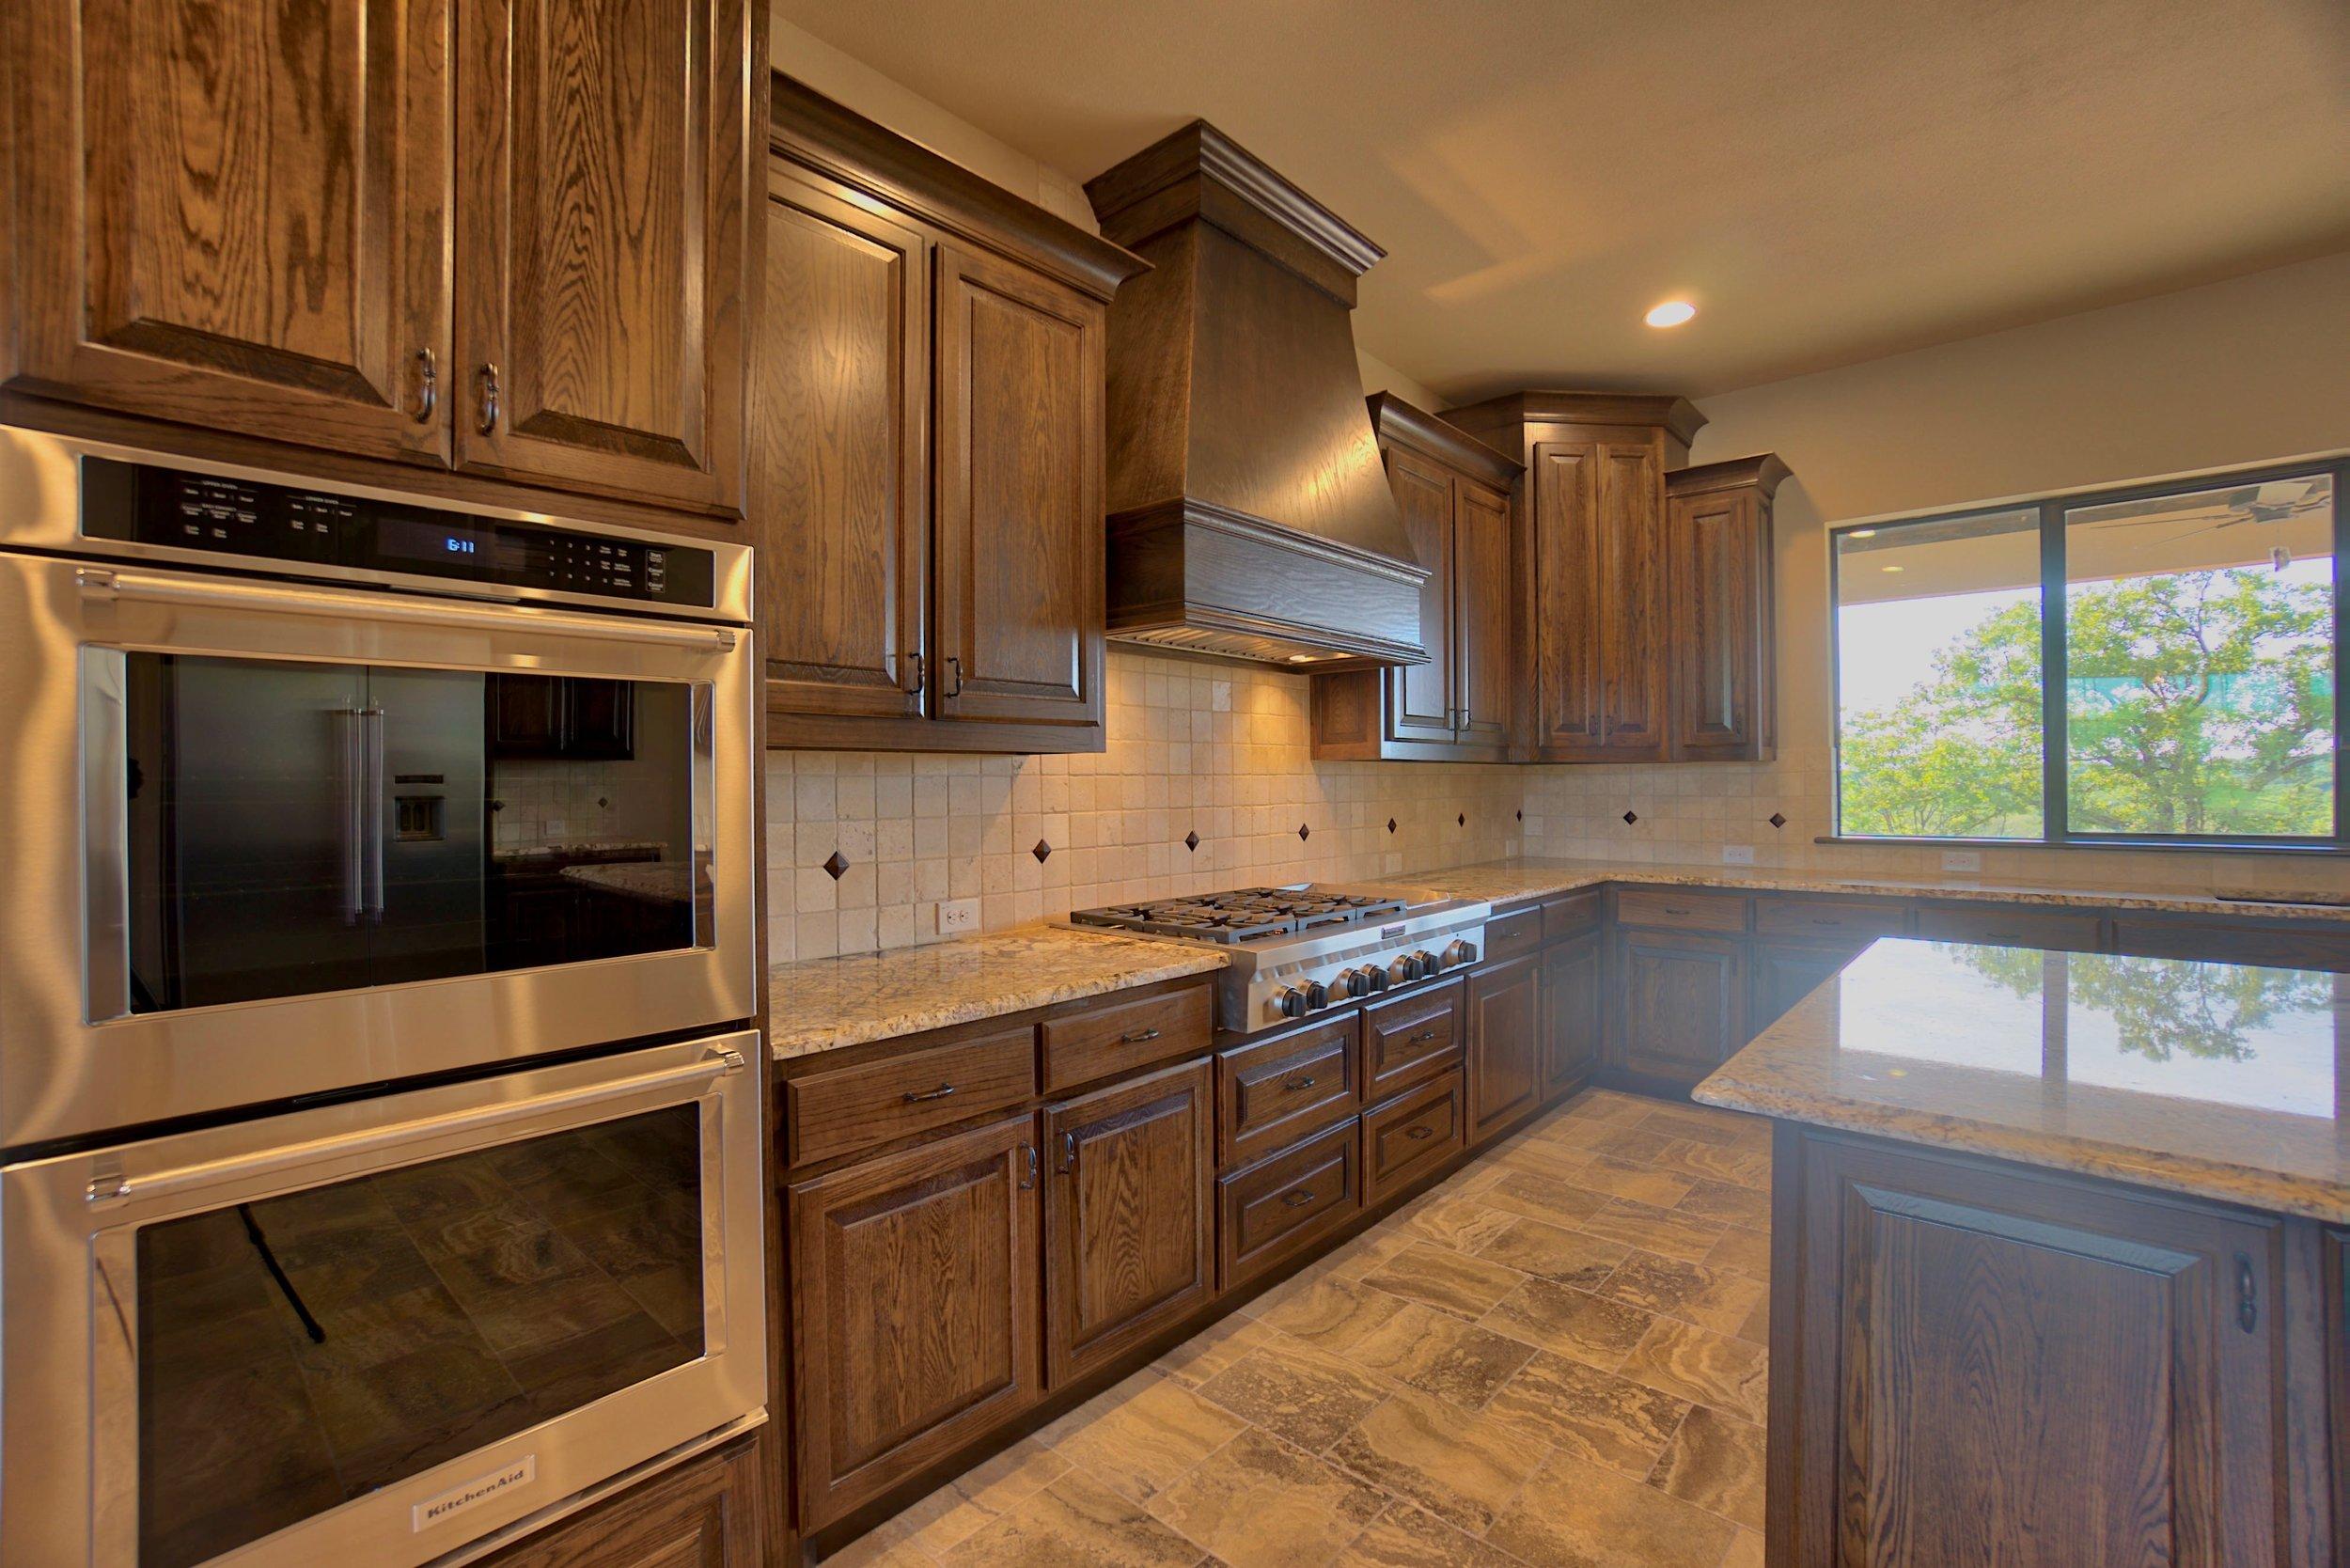 19 kitchen 8.jpg